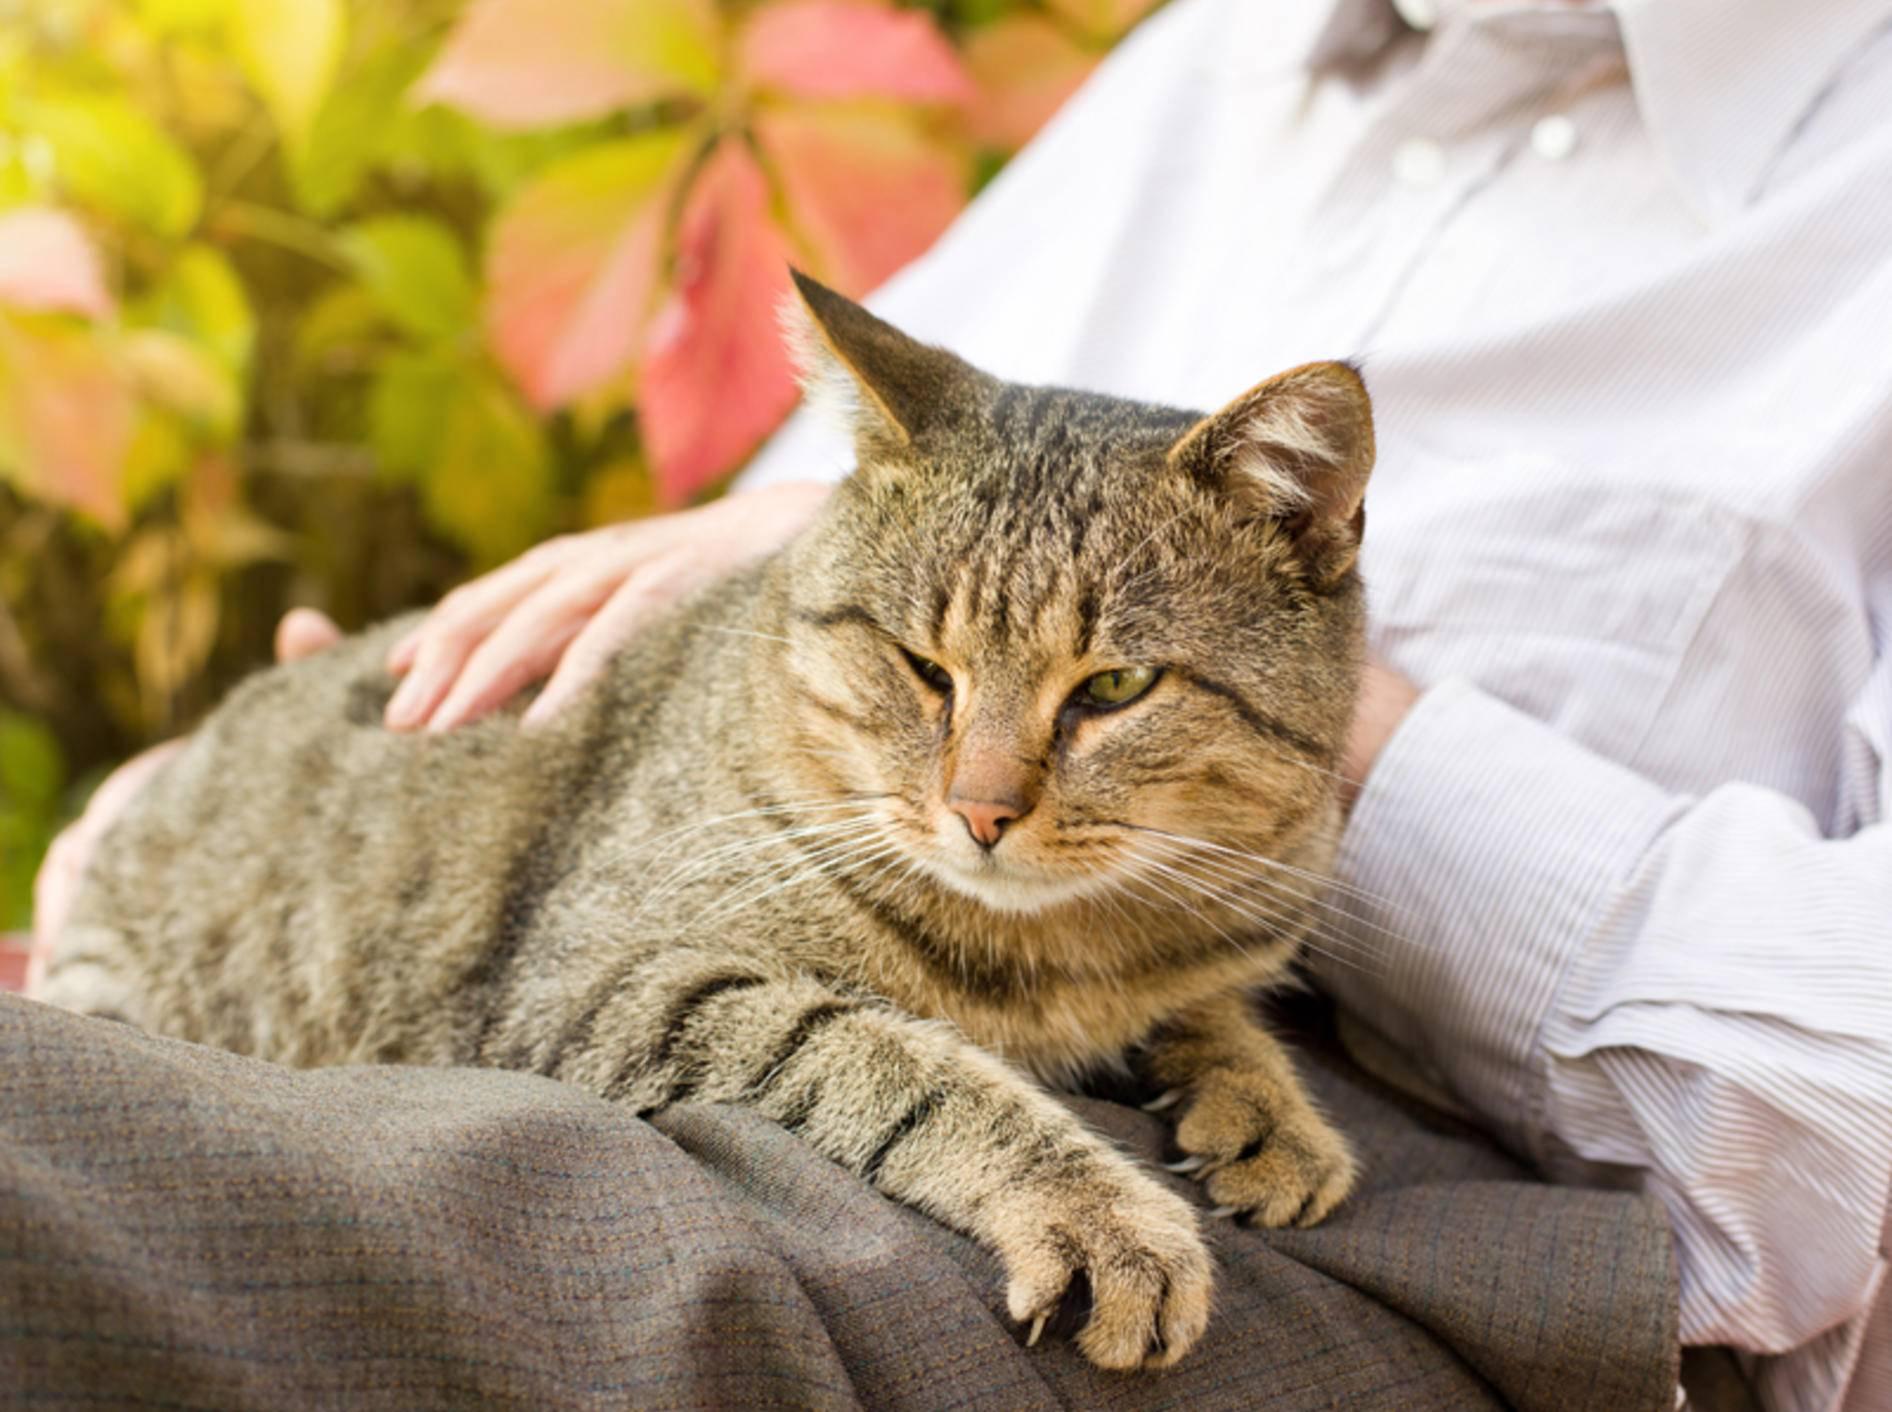 Alte Katzen brauchen besonders liebevolle Fürsorge – Bild: Shutterstock / Budimir Jevtic